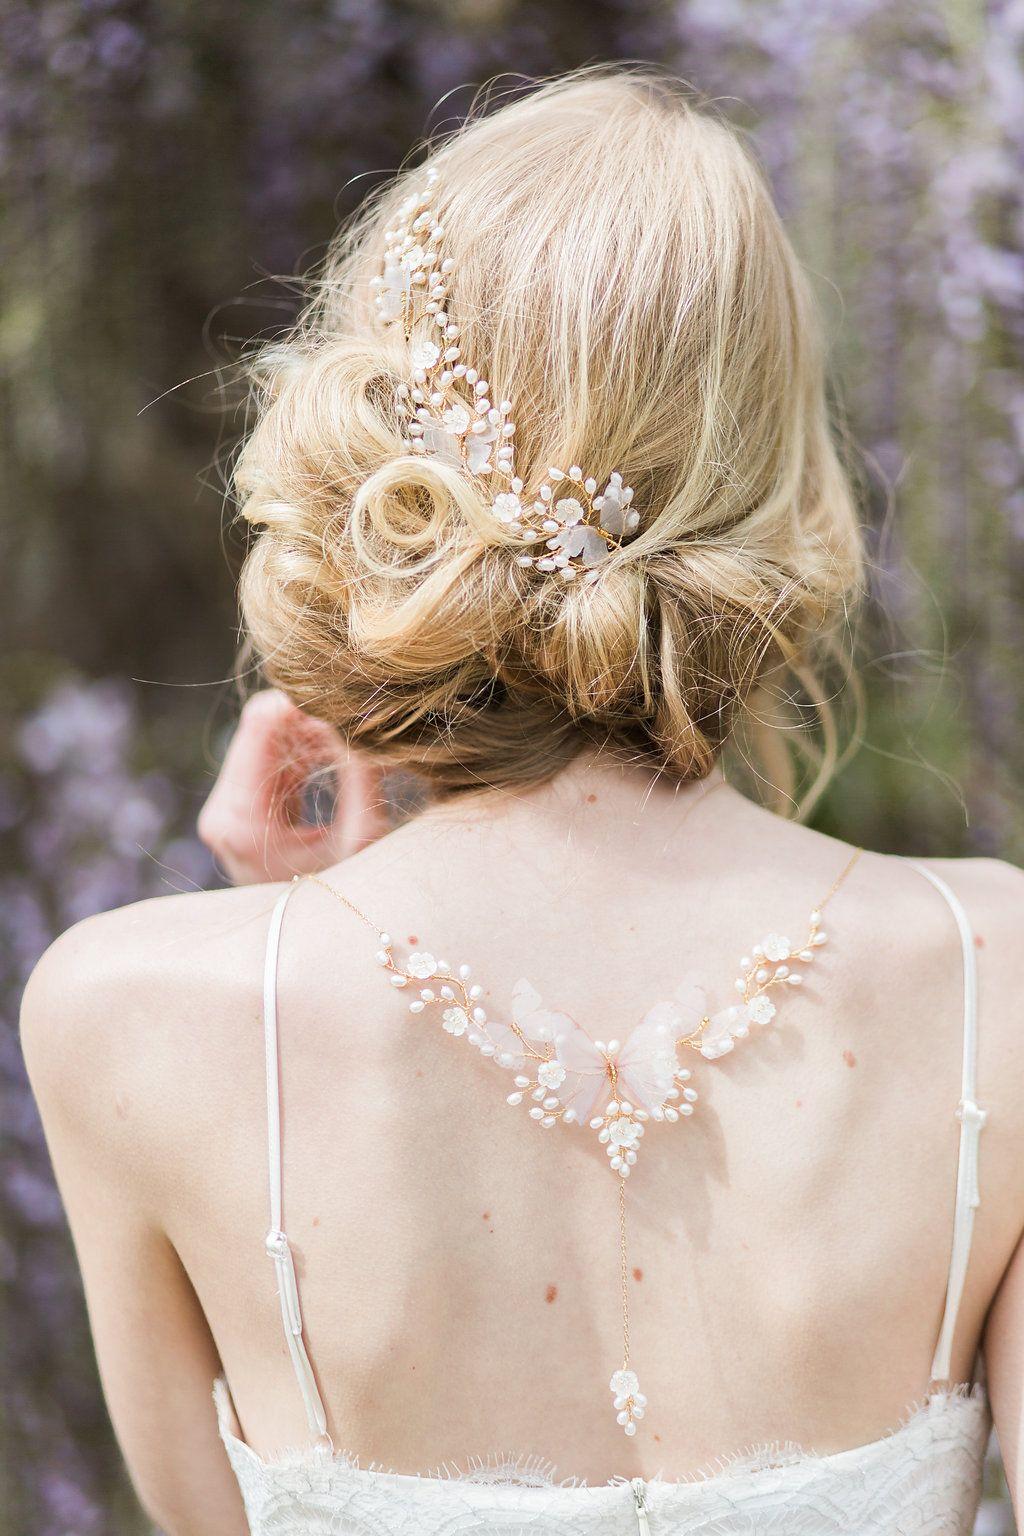 Hermione harbutt papillon back necklace amy fanton photography